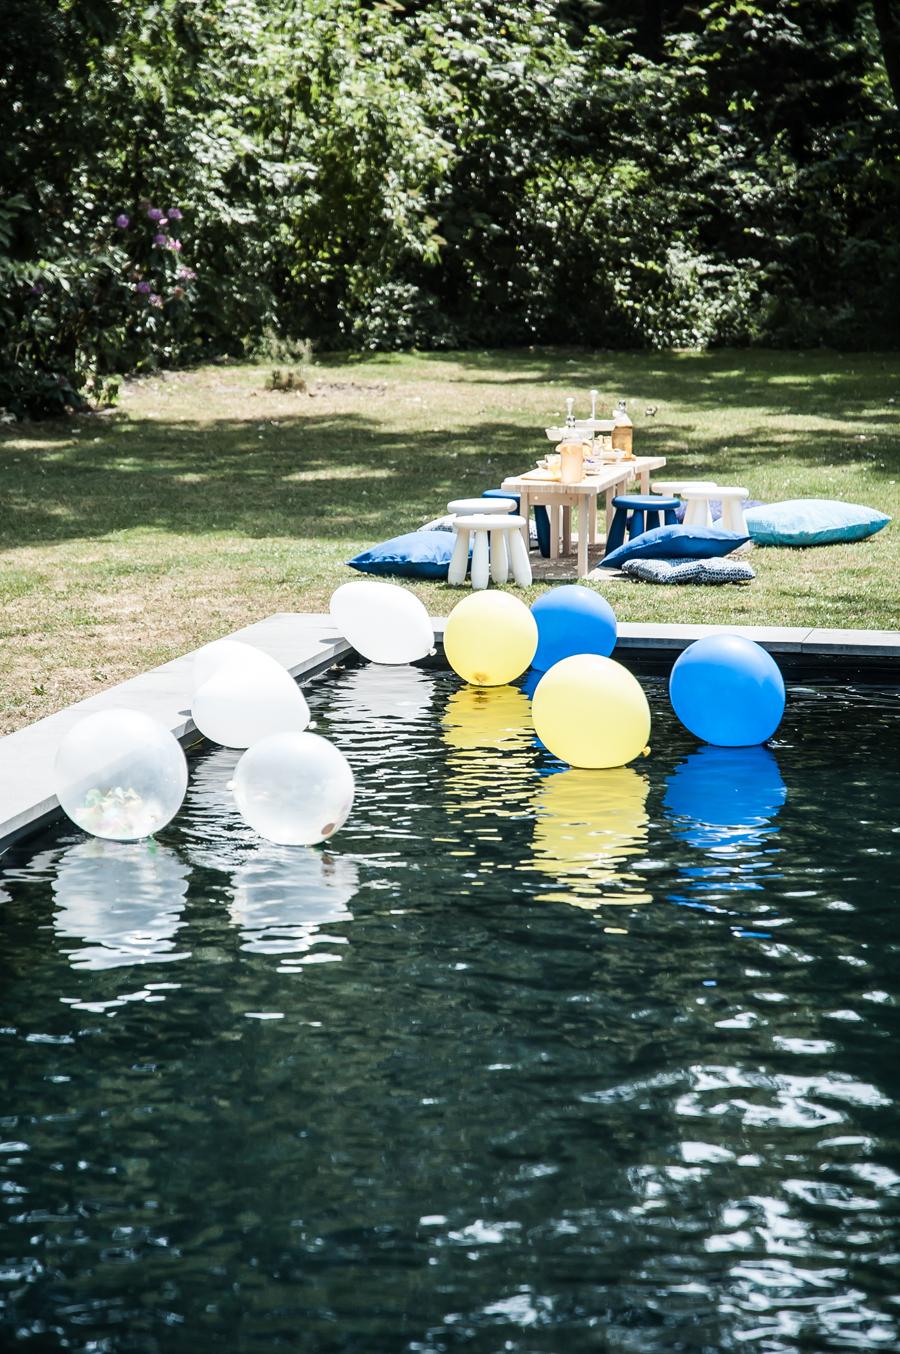 ikea-kids-party-aprilandmay-5